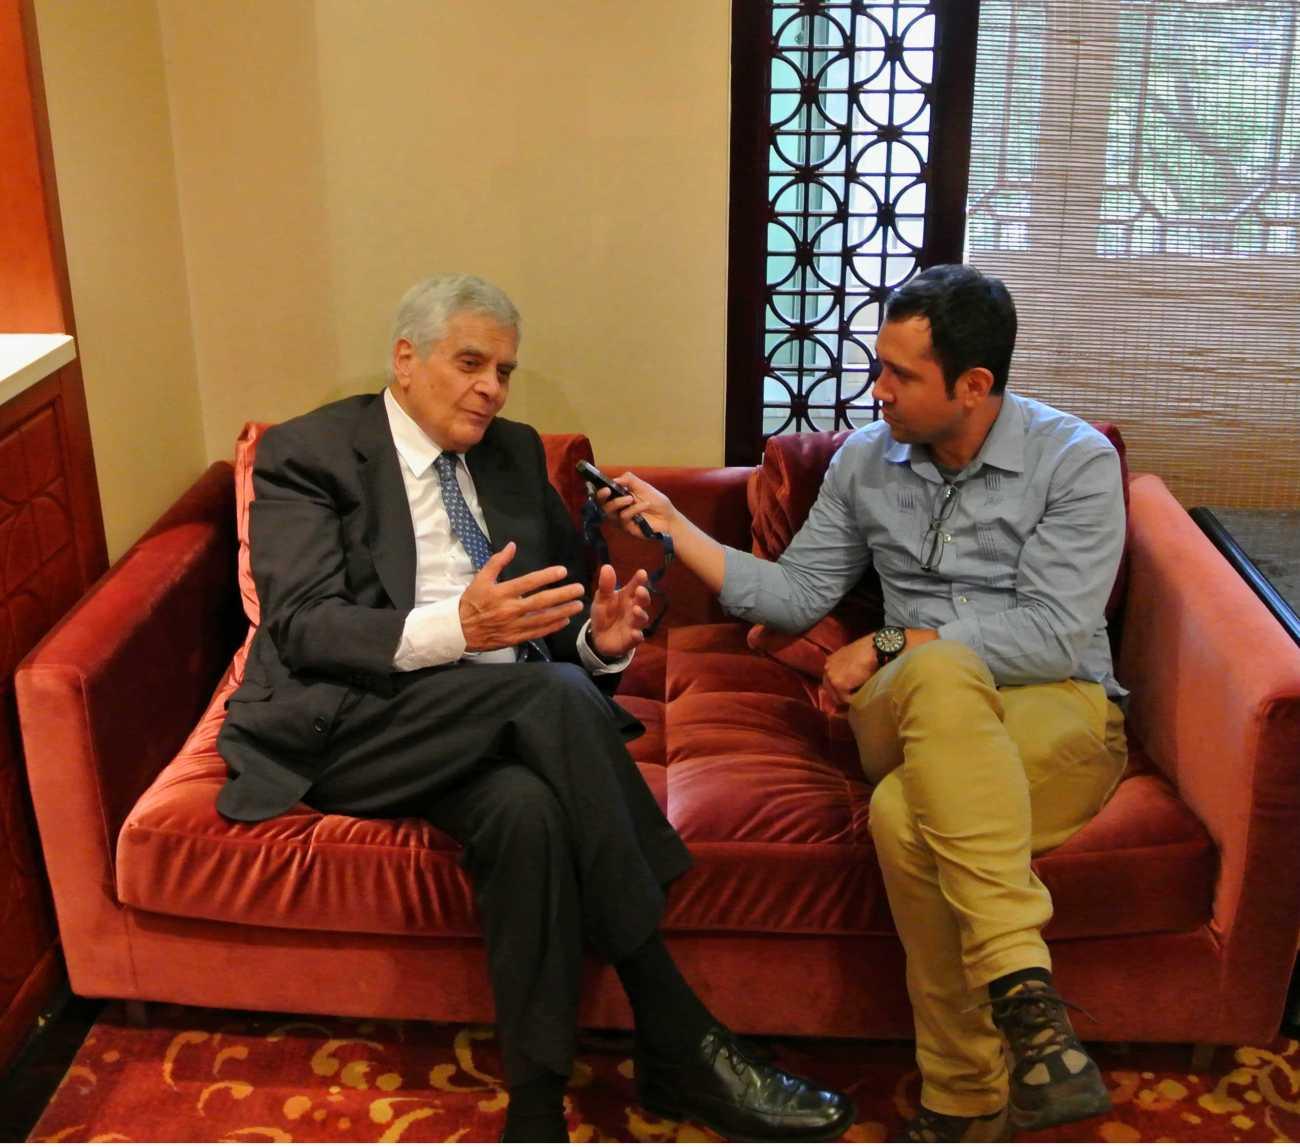 Anguiano Entrevista Raul